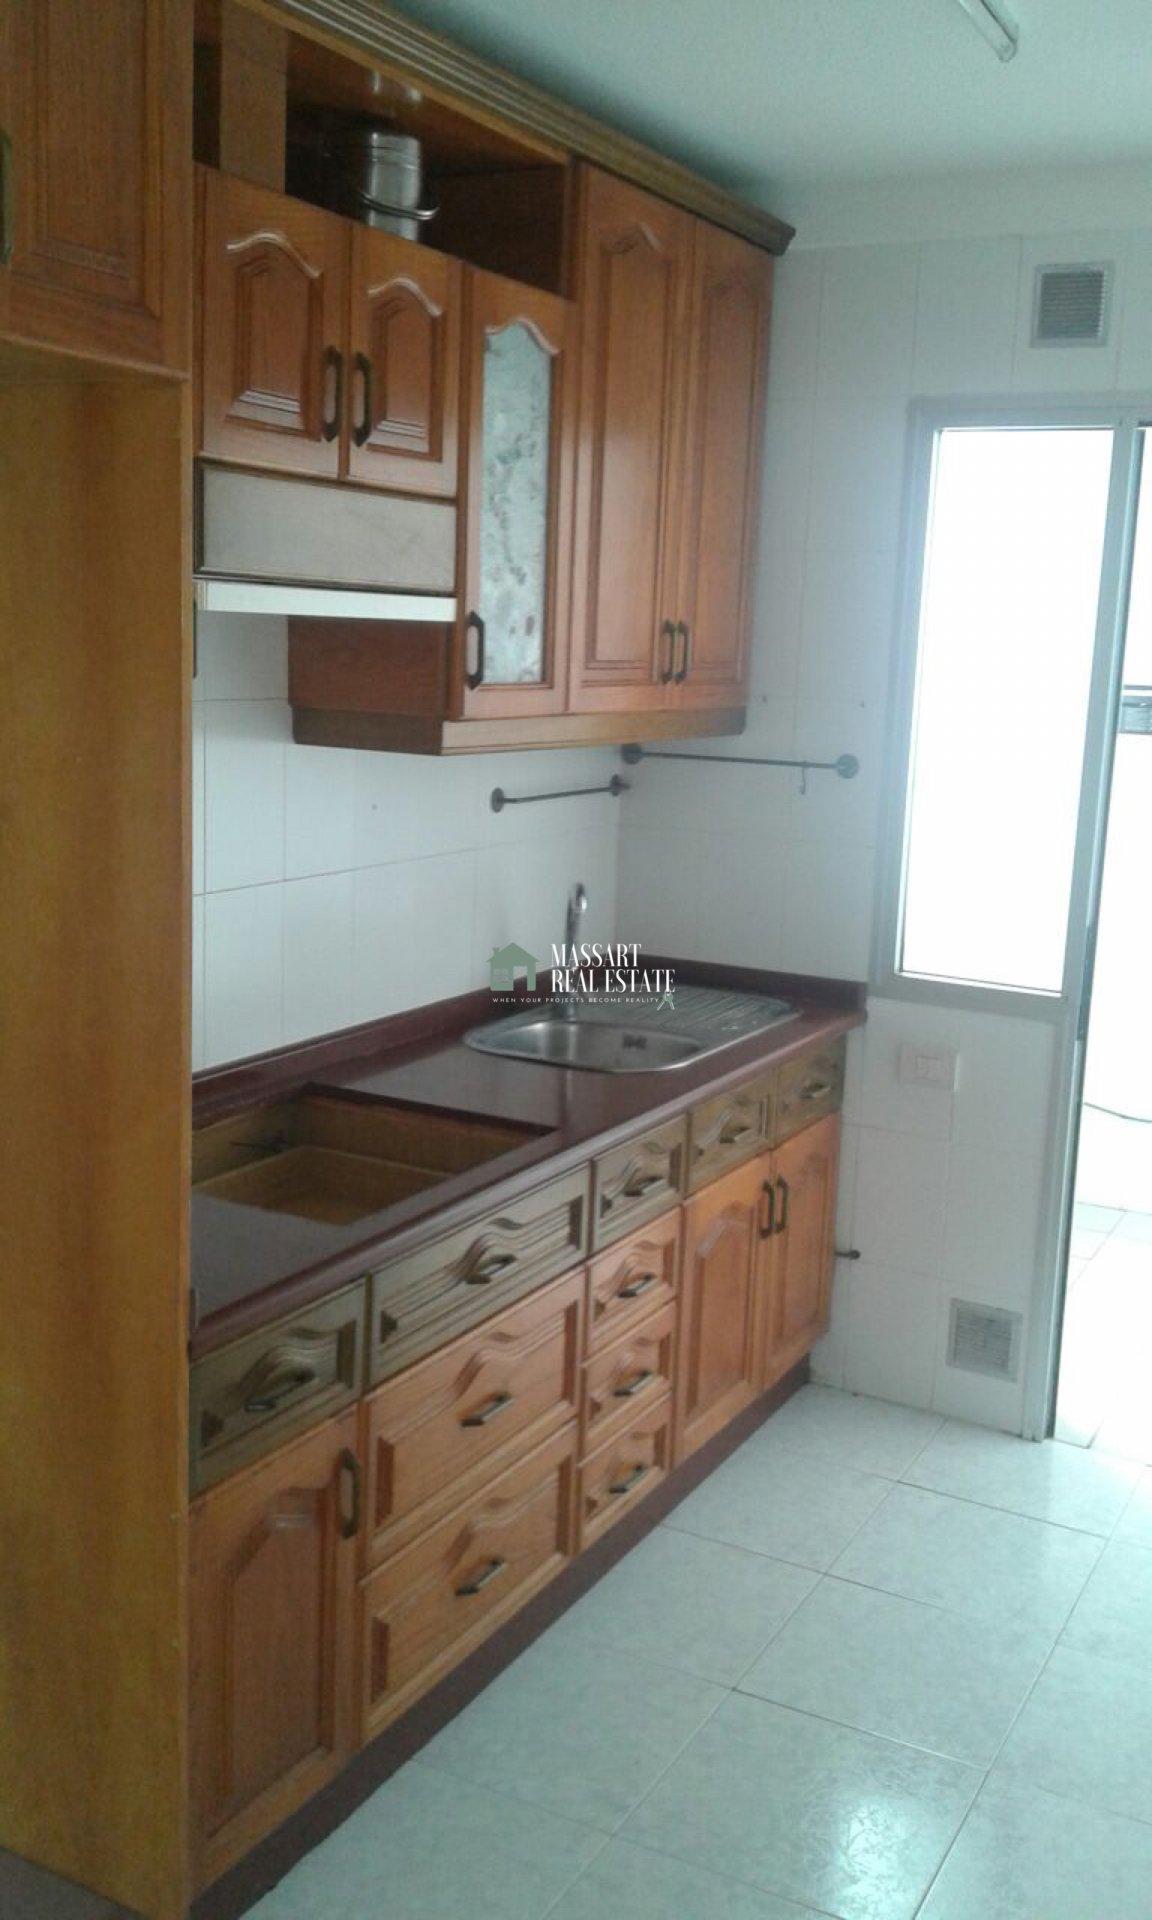 Appartement non meublé de 70 m2 situé dans un quartier central de San Isidro… en attente d'être personnalisé par vous!